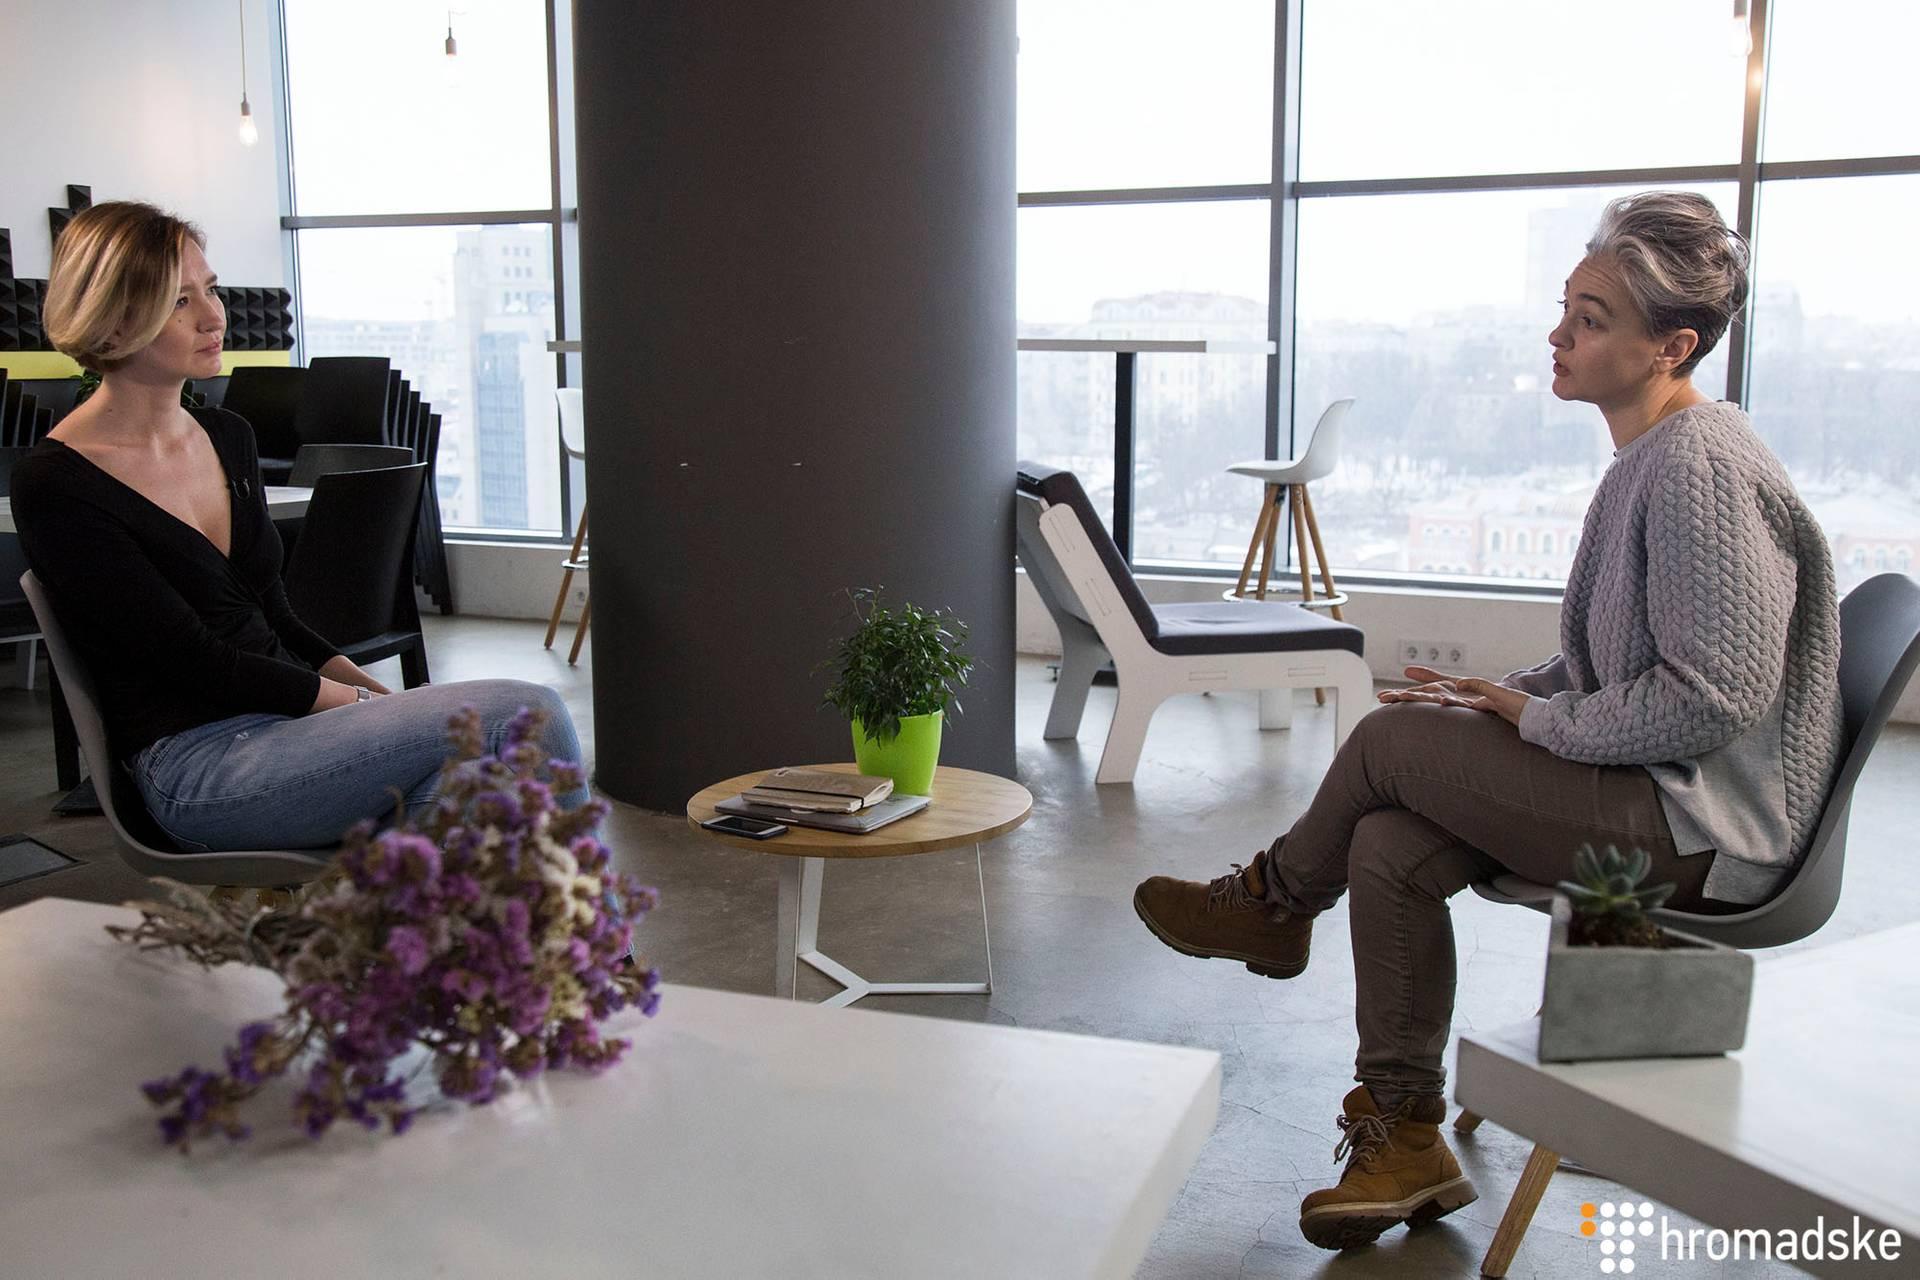 Соціальна інноваторка, засновниця та співзасновиця проектів «Велика Ідея», «Спільнокошт», Garage gang Ірина Соловей (праворуч) та та шеф-редакторка Громадського Ангеліна Карякіна під час інтерв'ю, Київ, 11 лютого 2019 року